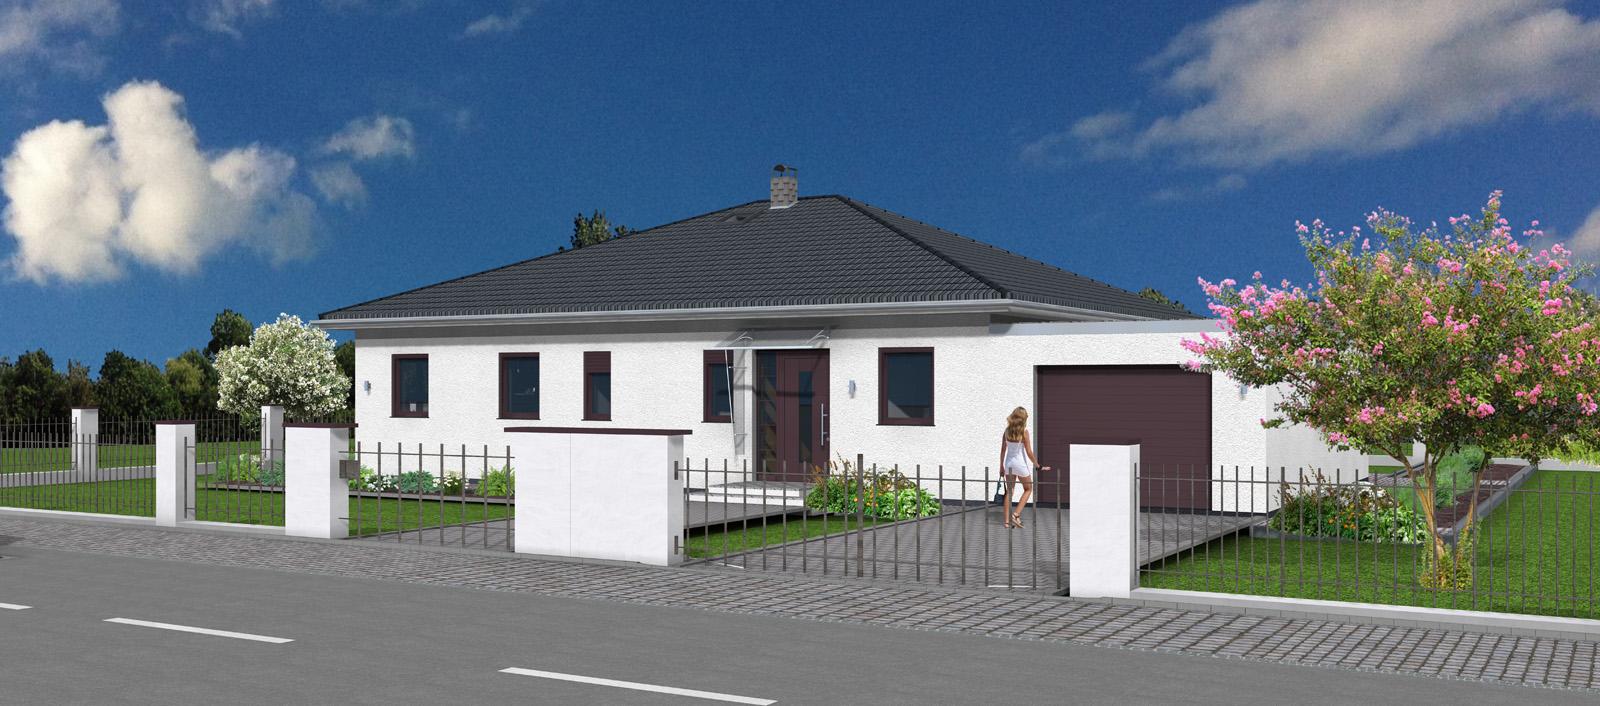 bungalow 126 mit garage. Black Bedroom Furniture Sets. Home Design Ideas